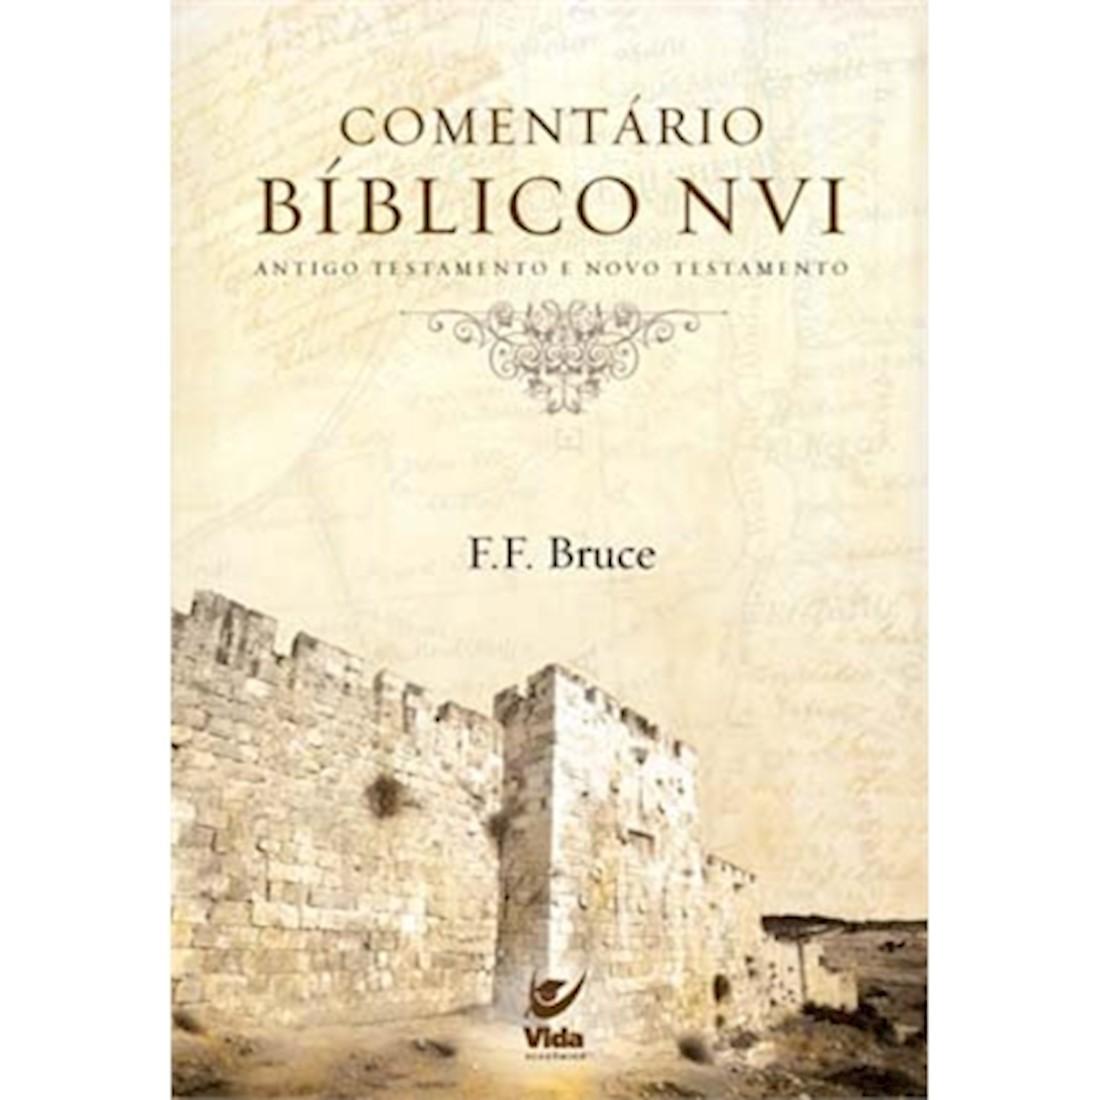 Livro Comentário Bíblico NVI: Antigo e Novo Testamento